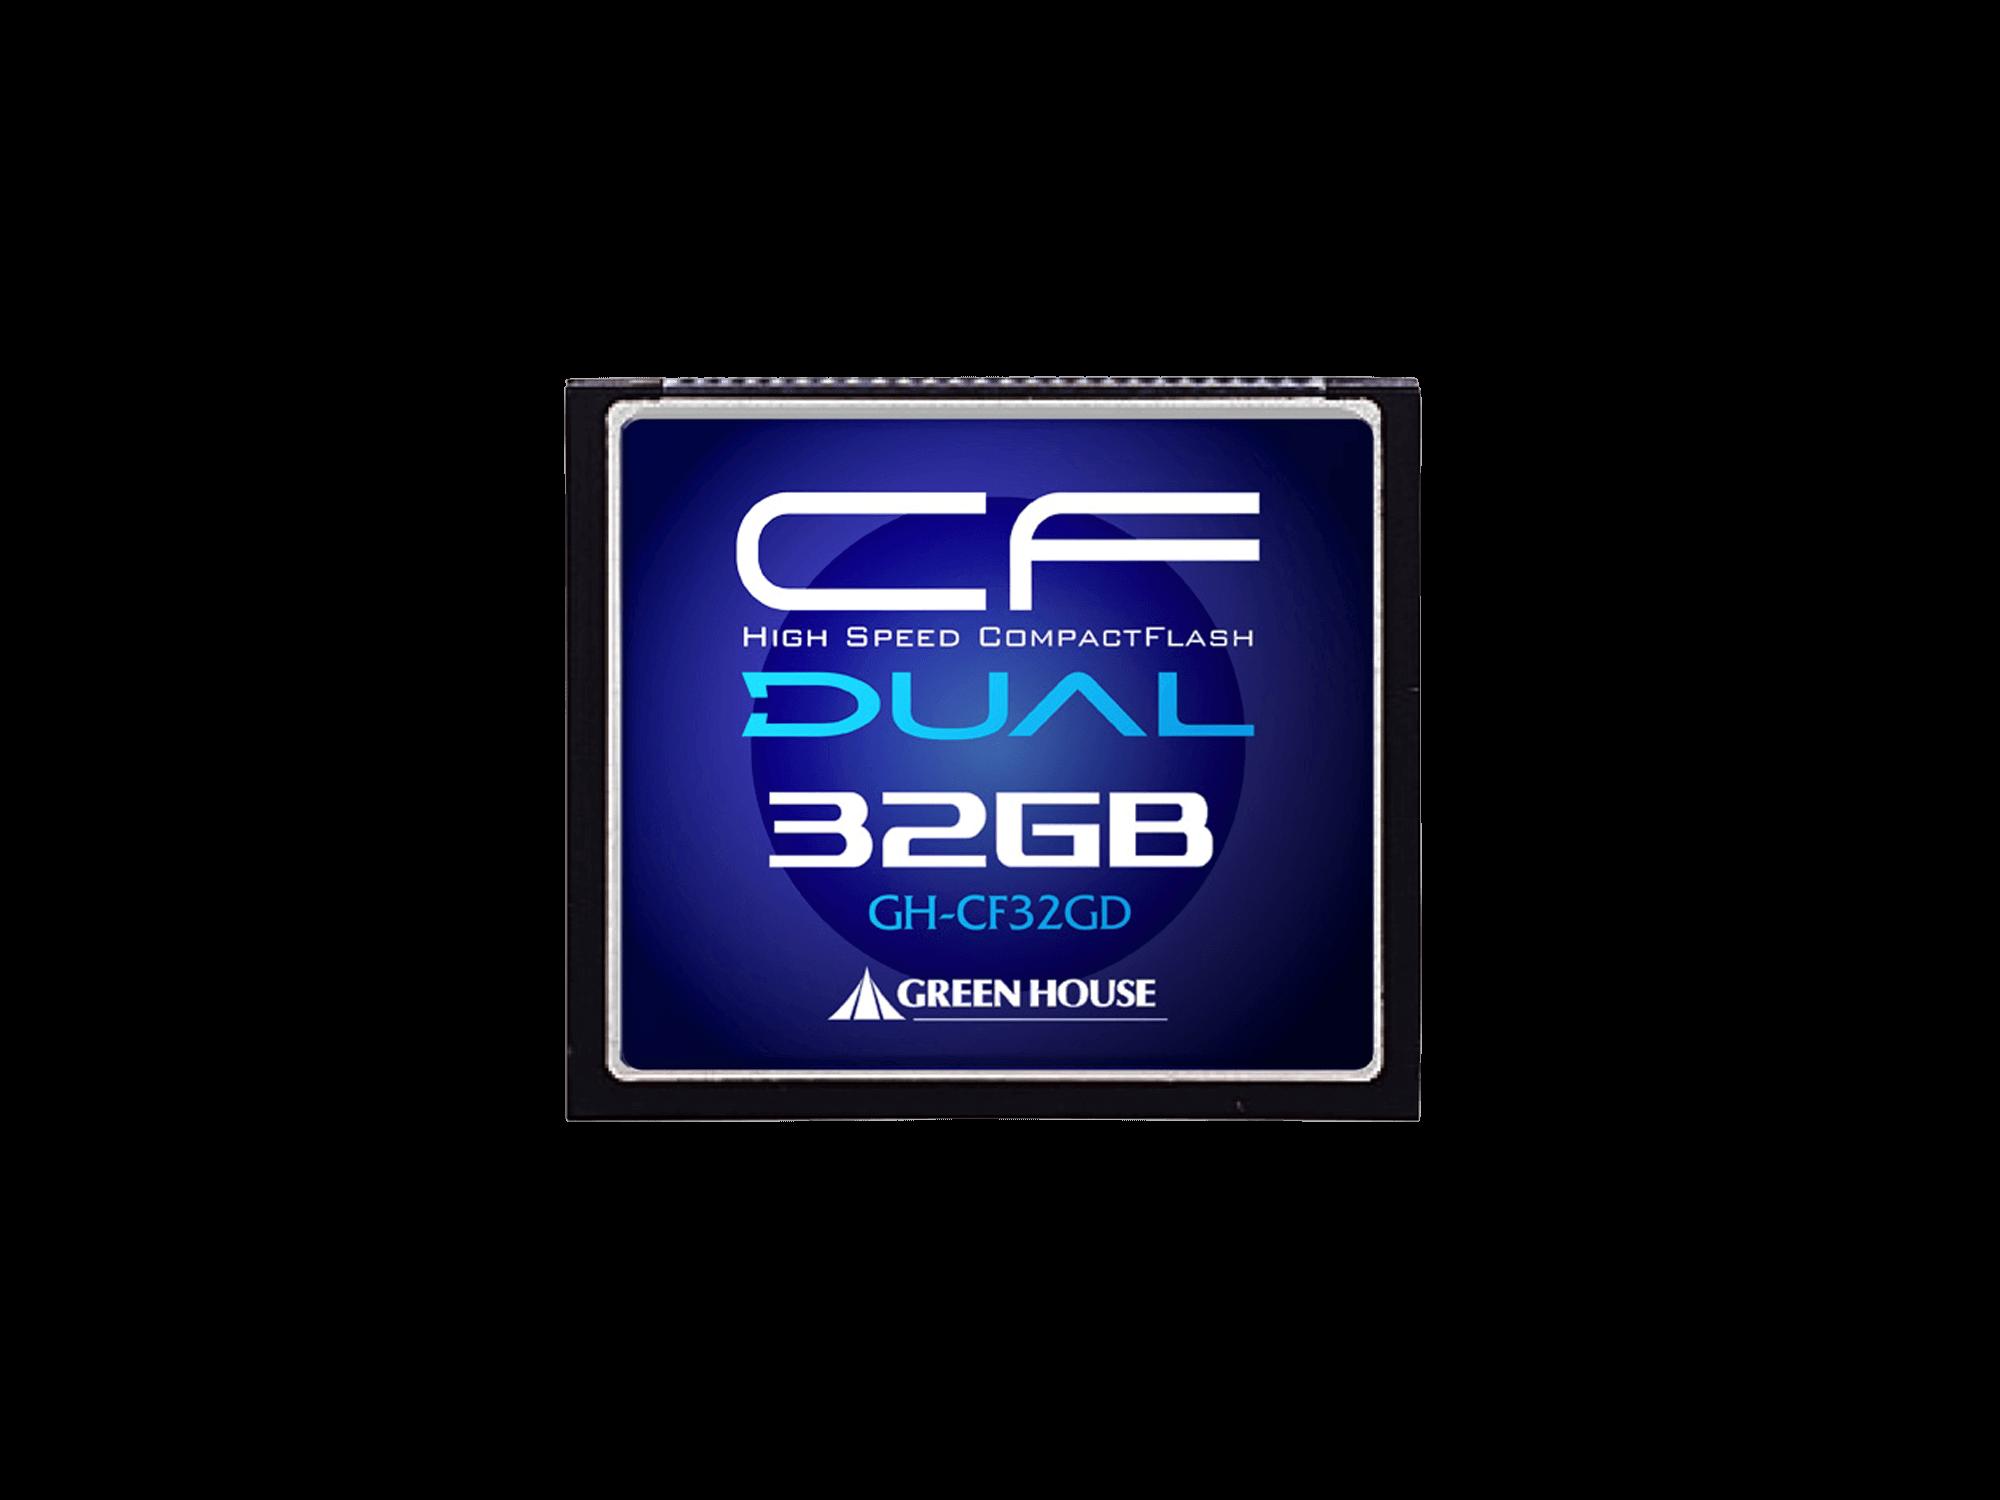 GH-CF*Dシリーズ